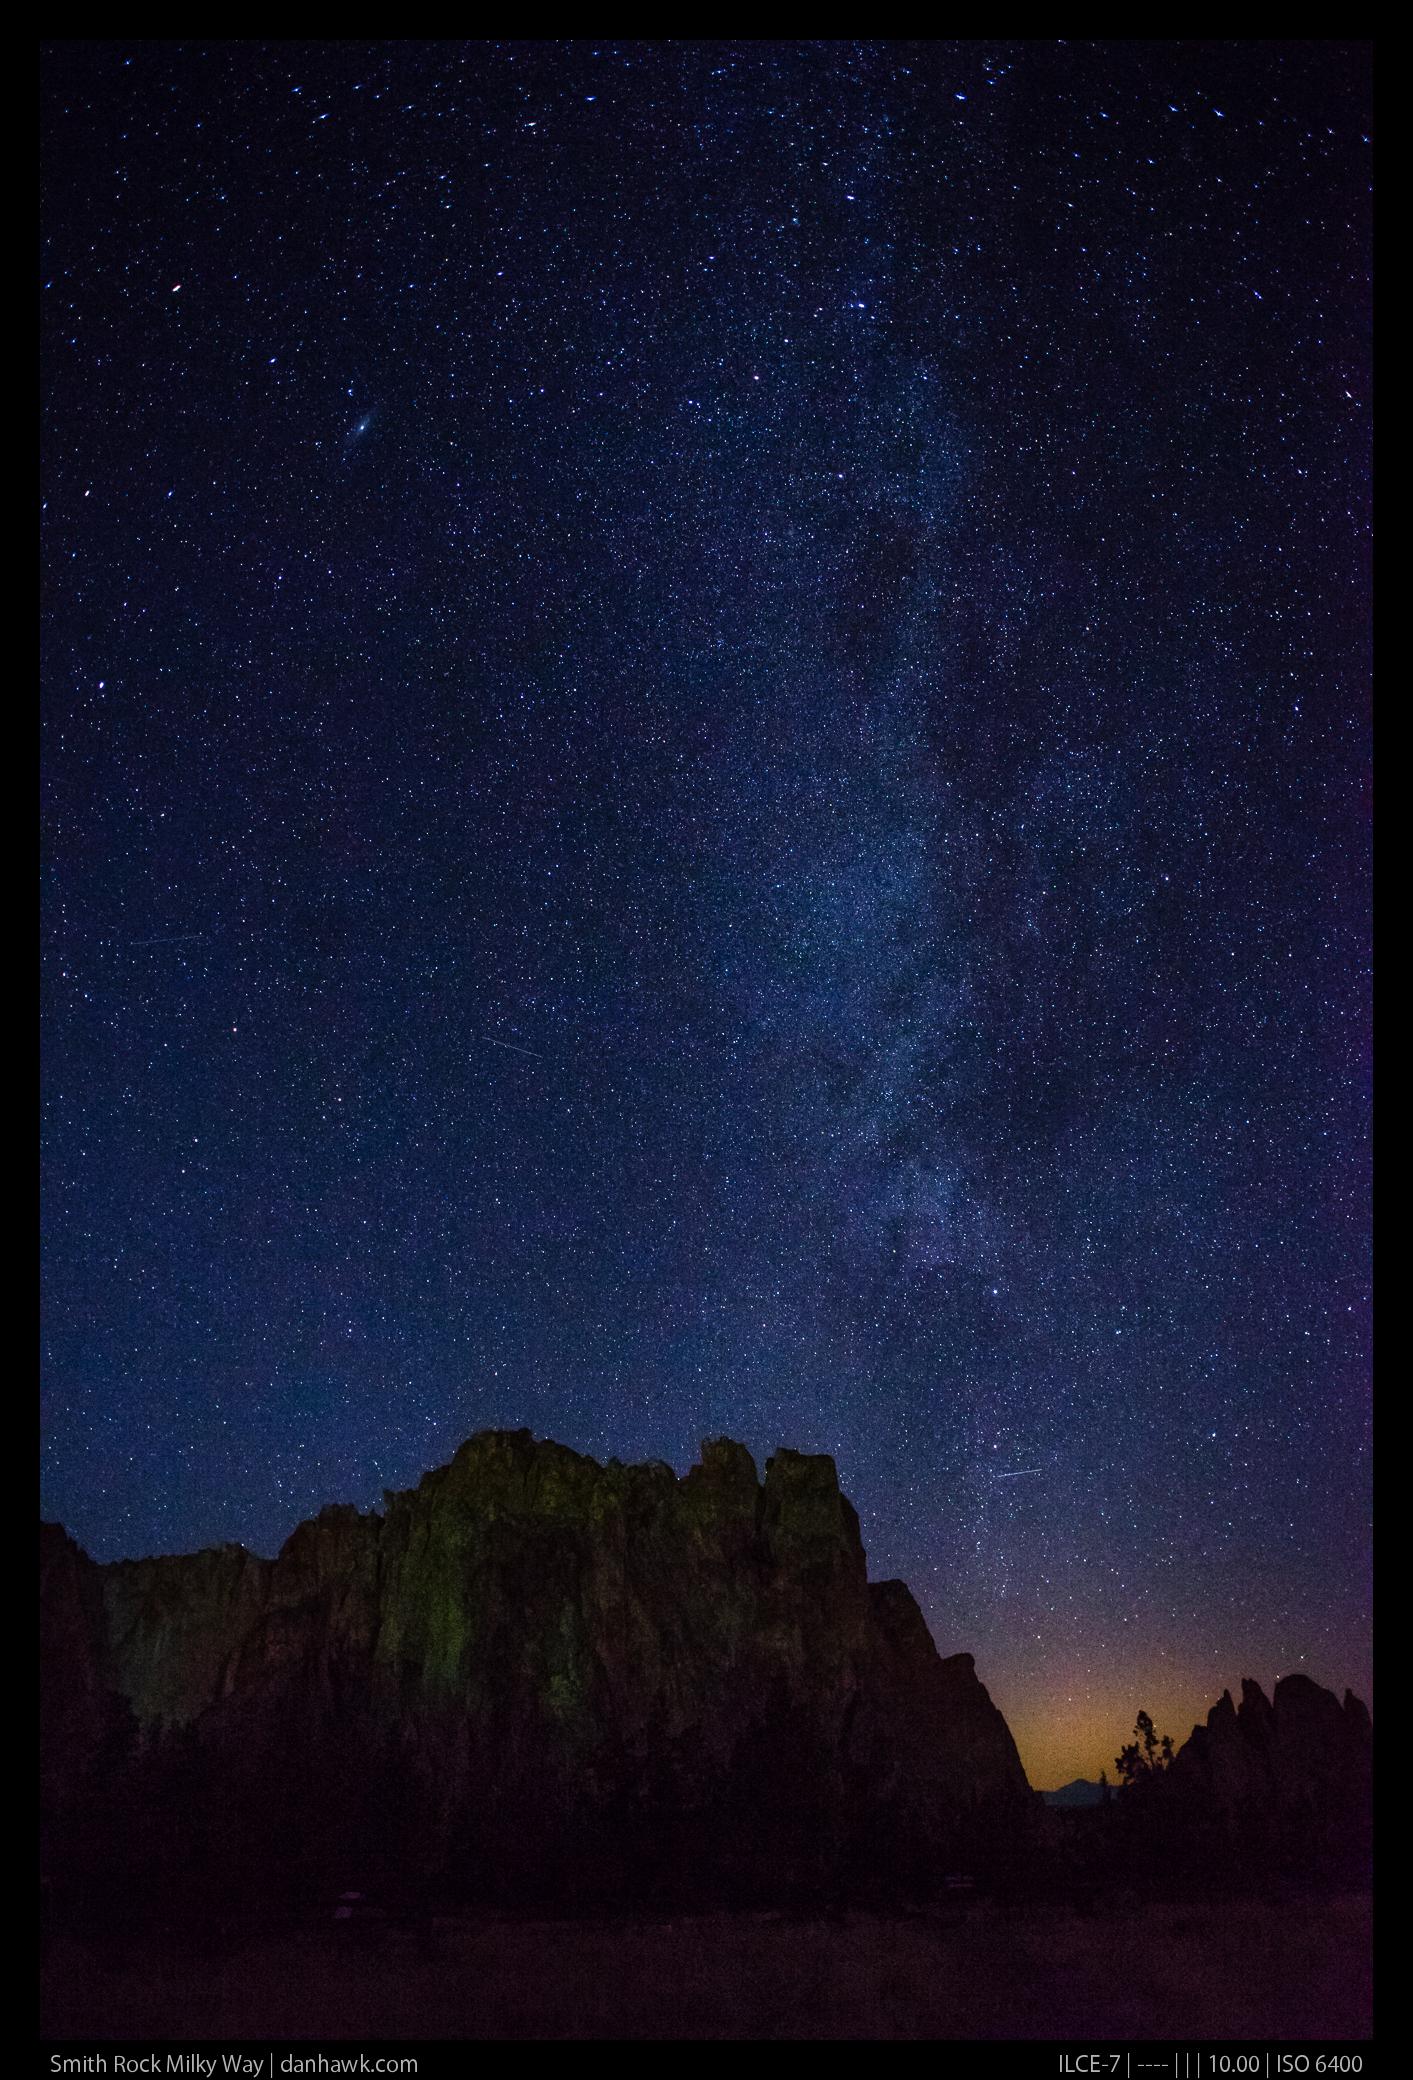 Smith Rock Milky Way